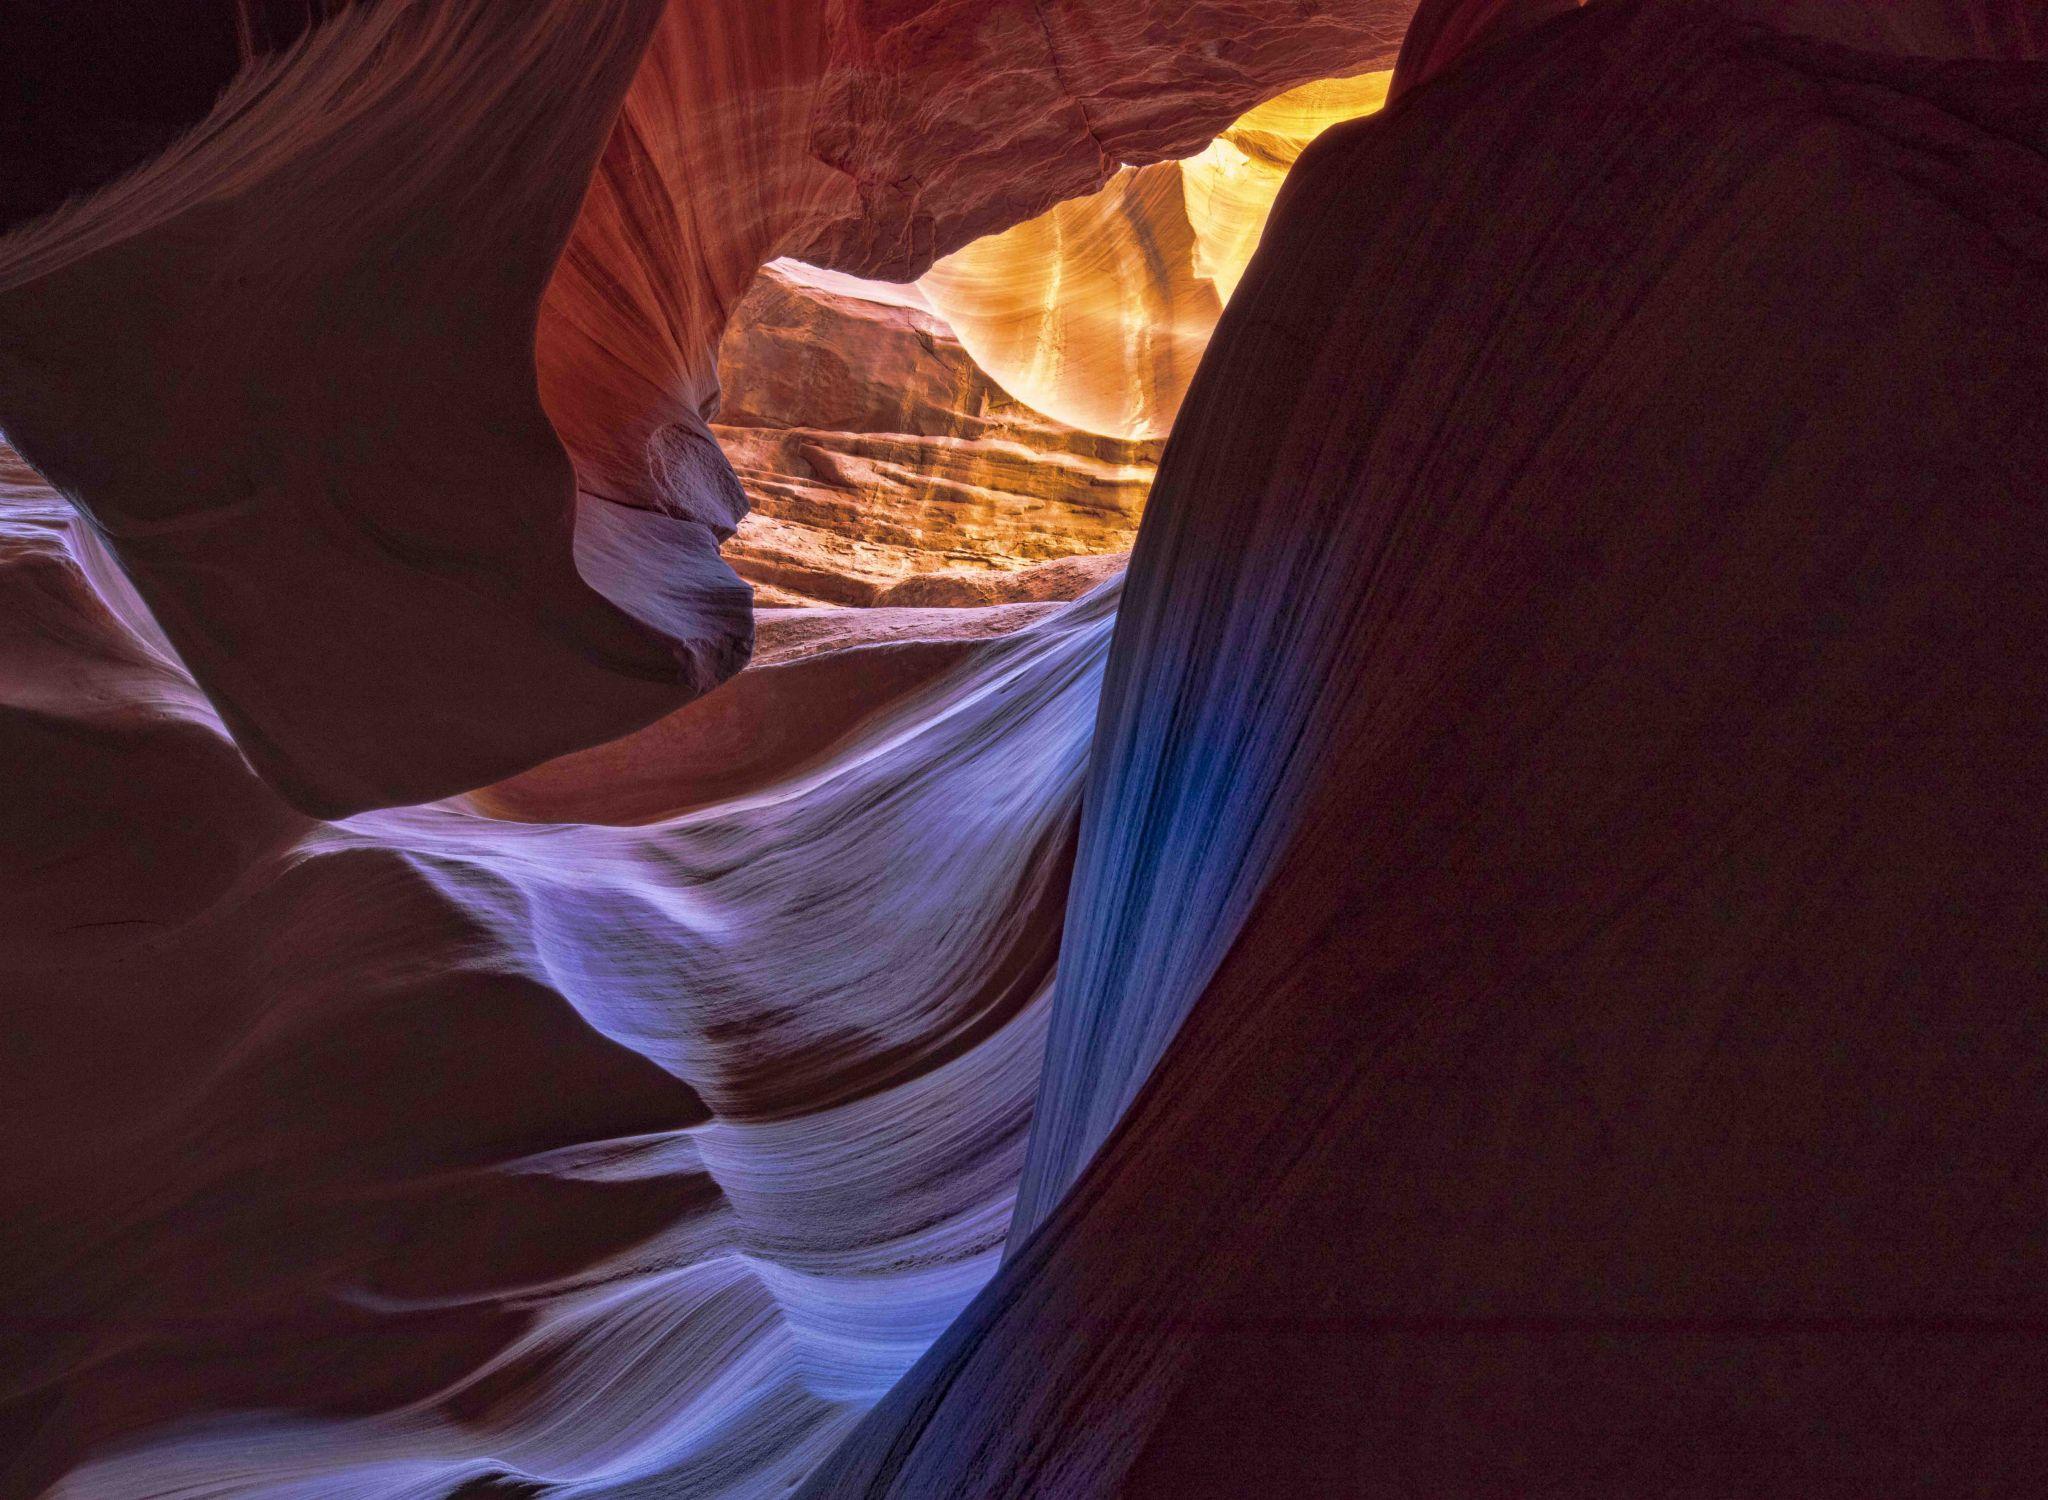 Slot Canyon on Navajo Reservation, USA